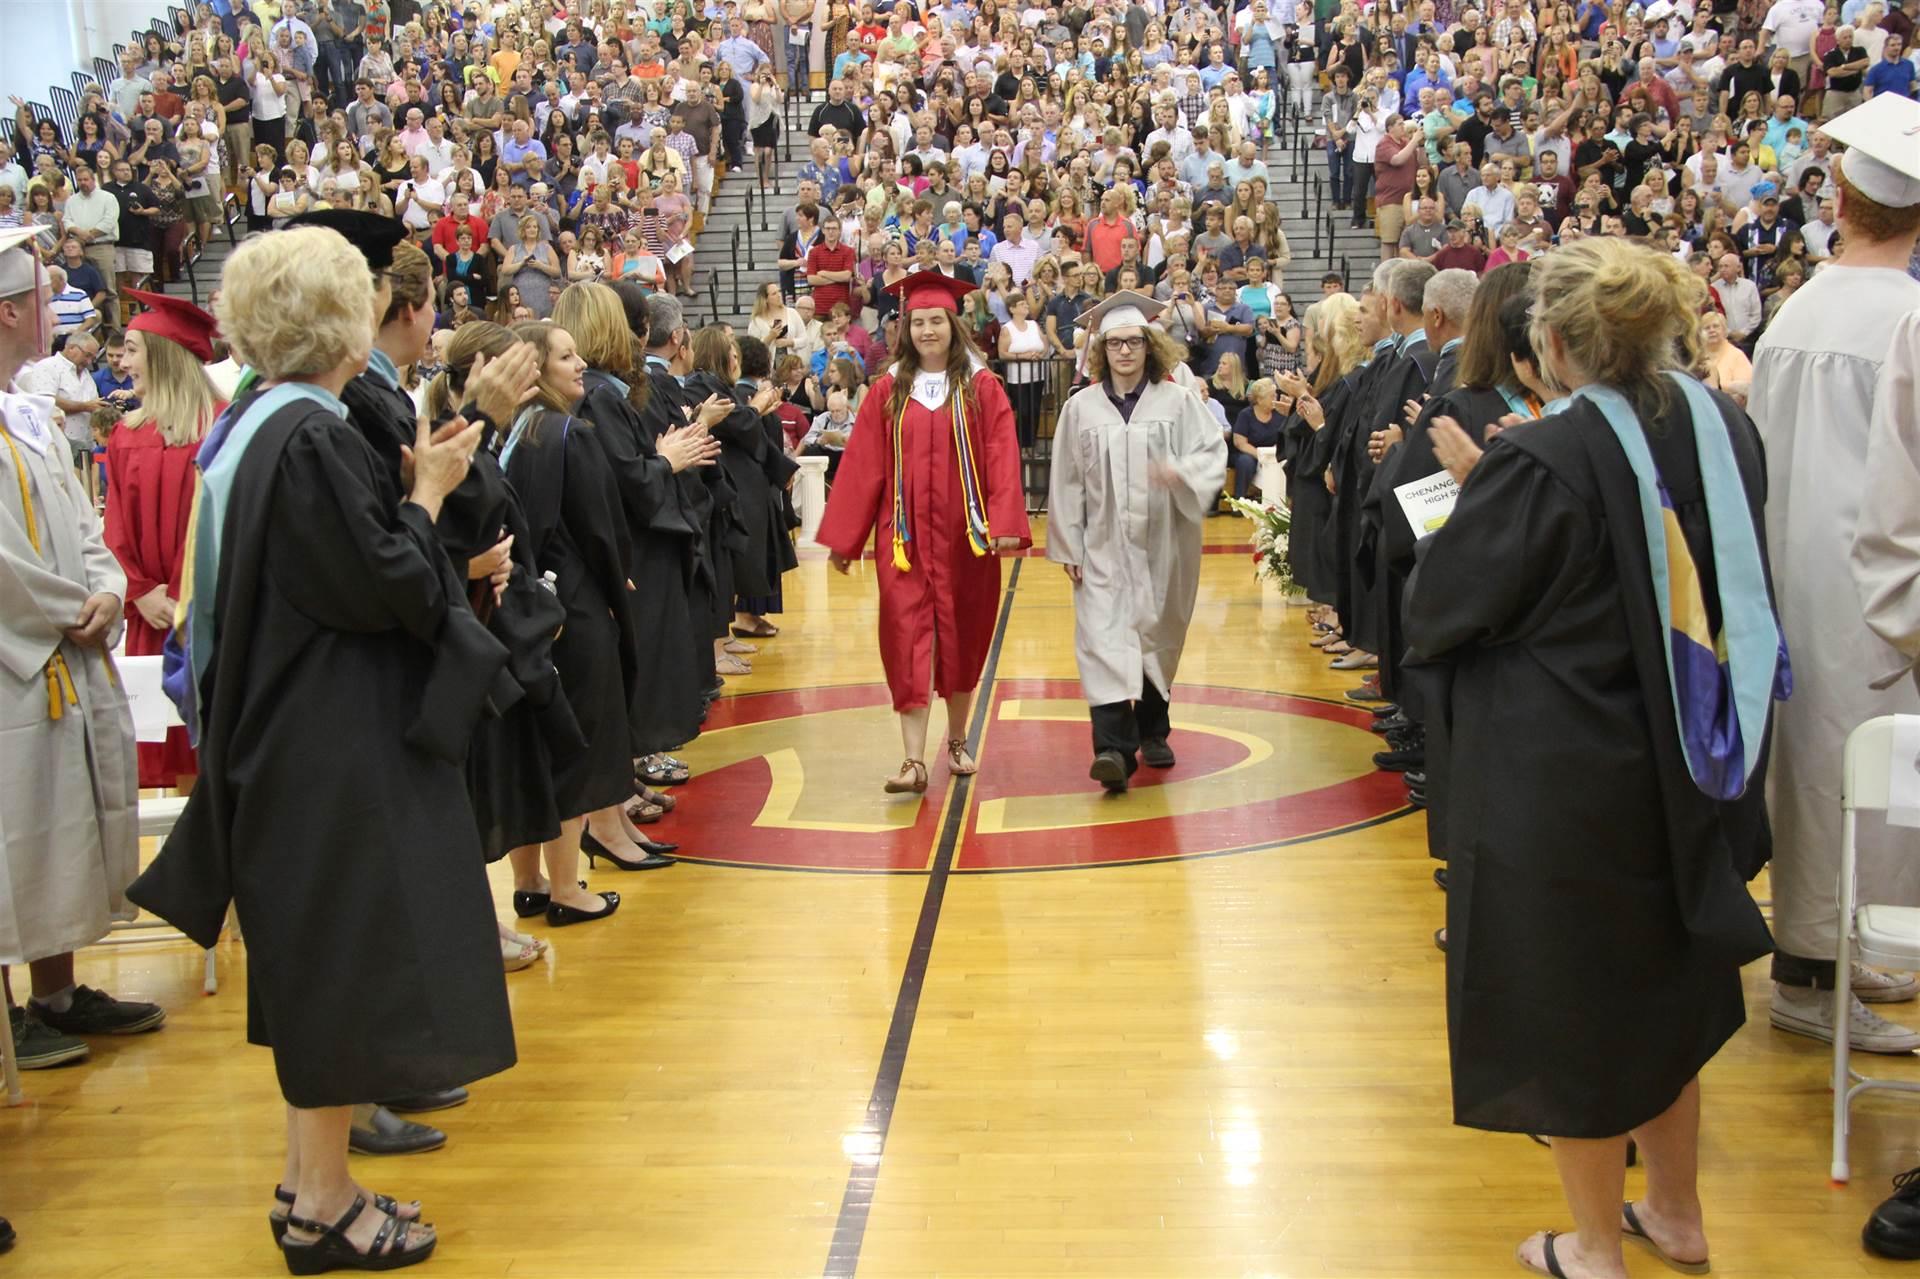 photo 45 from 2017 C V Graduation.